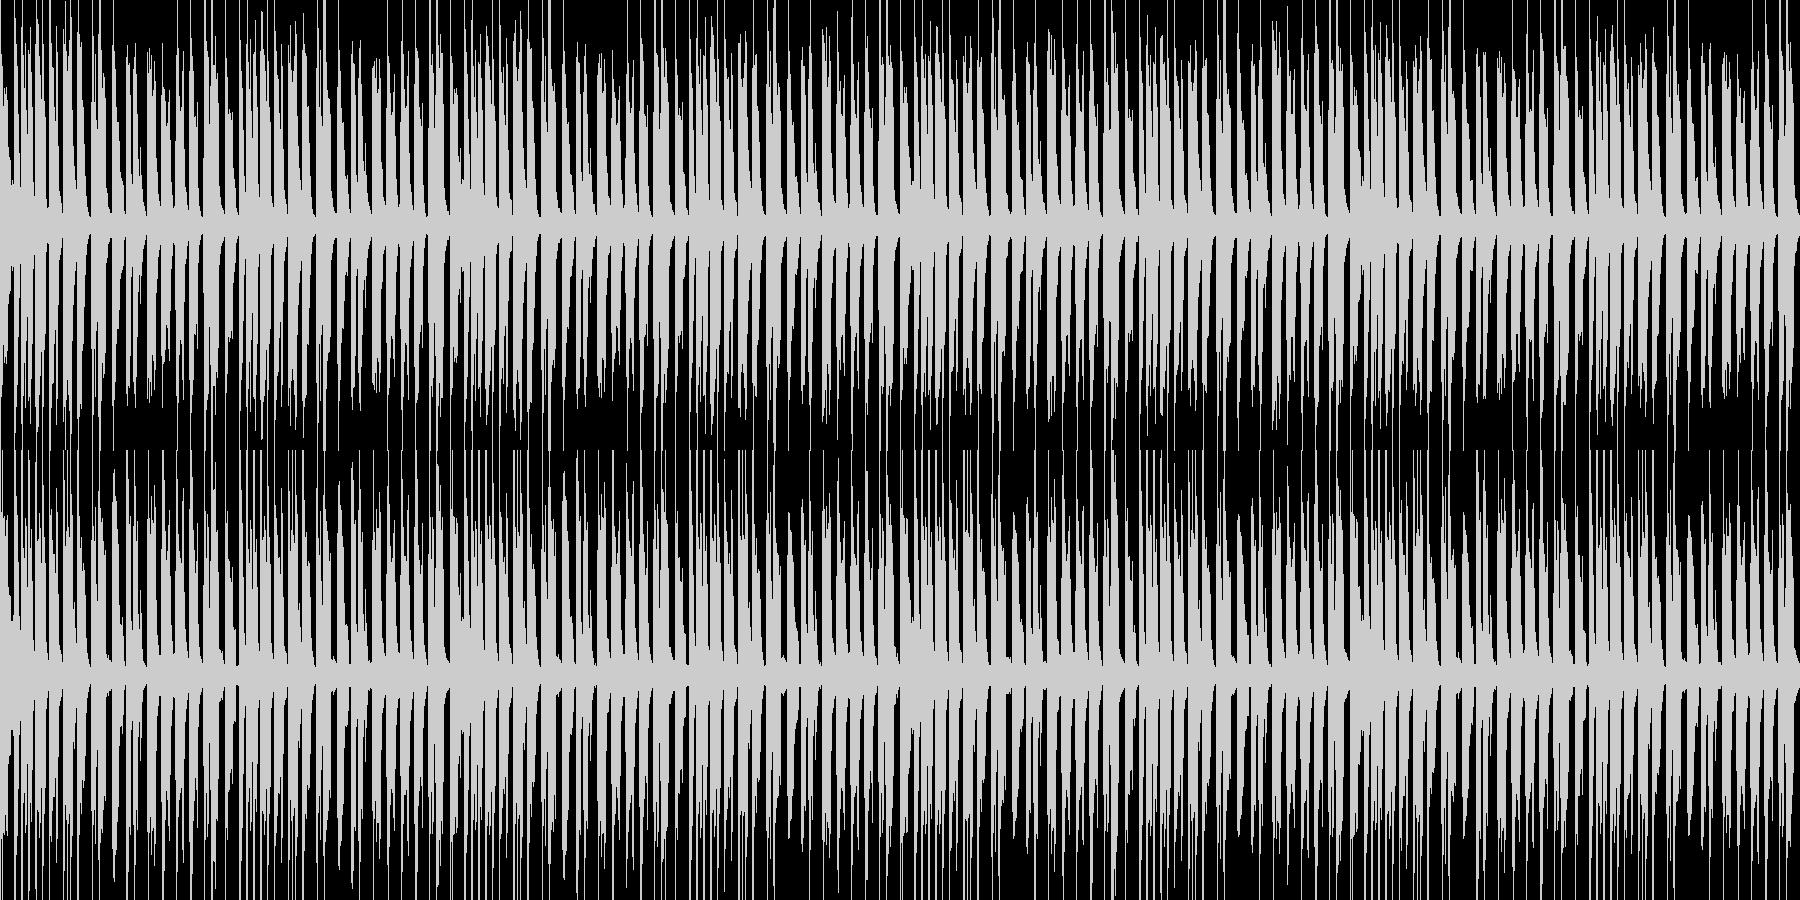 軽快で陽気なBGMの未再生の波形